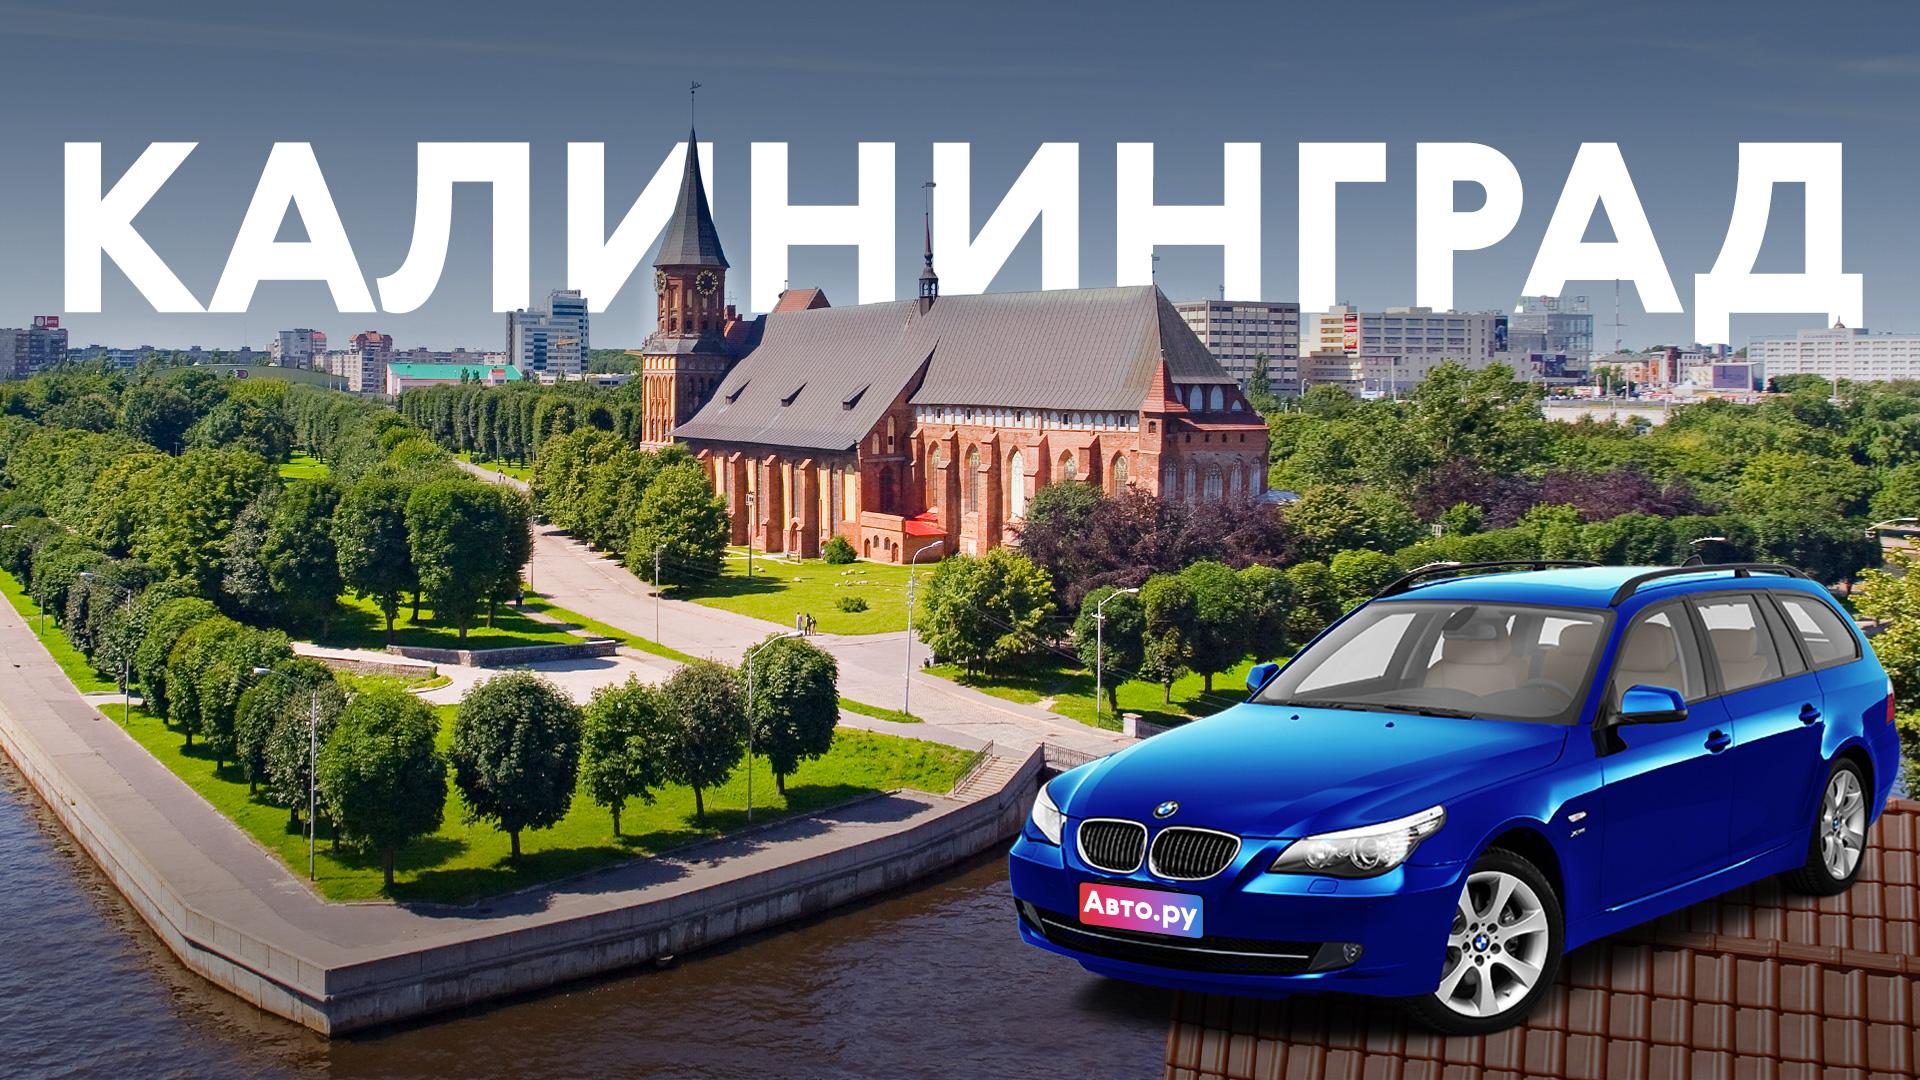 Едем в Калининград на поиски немецкой машины с пробегом